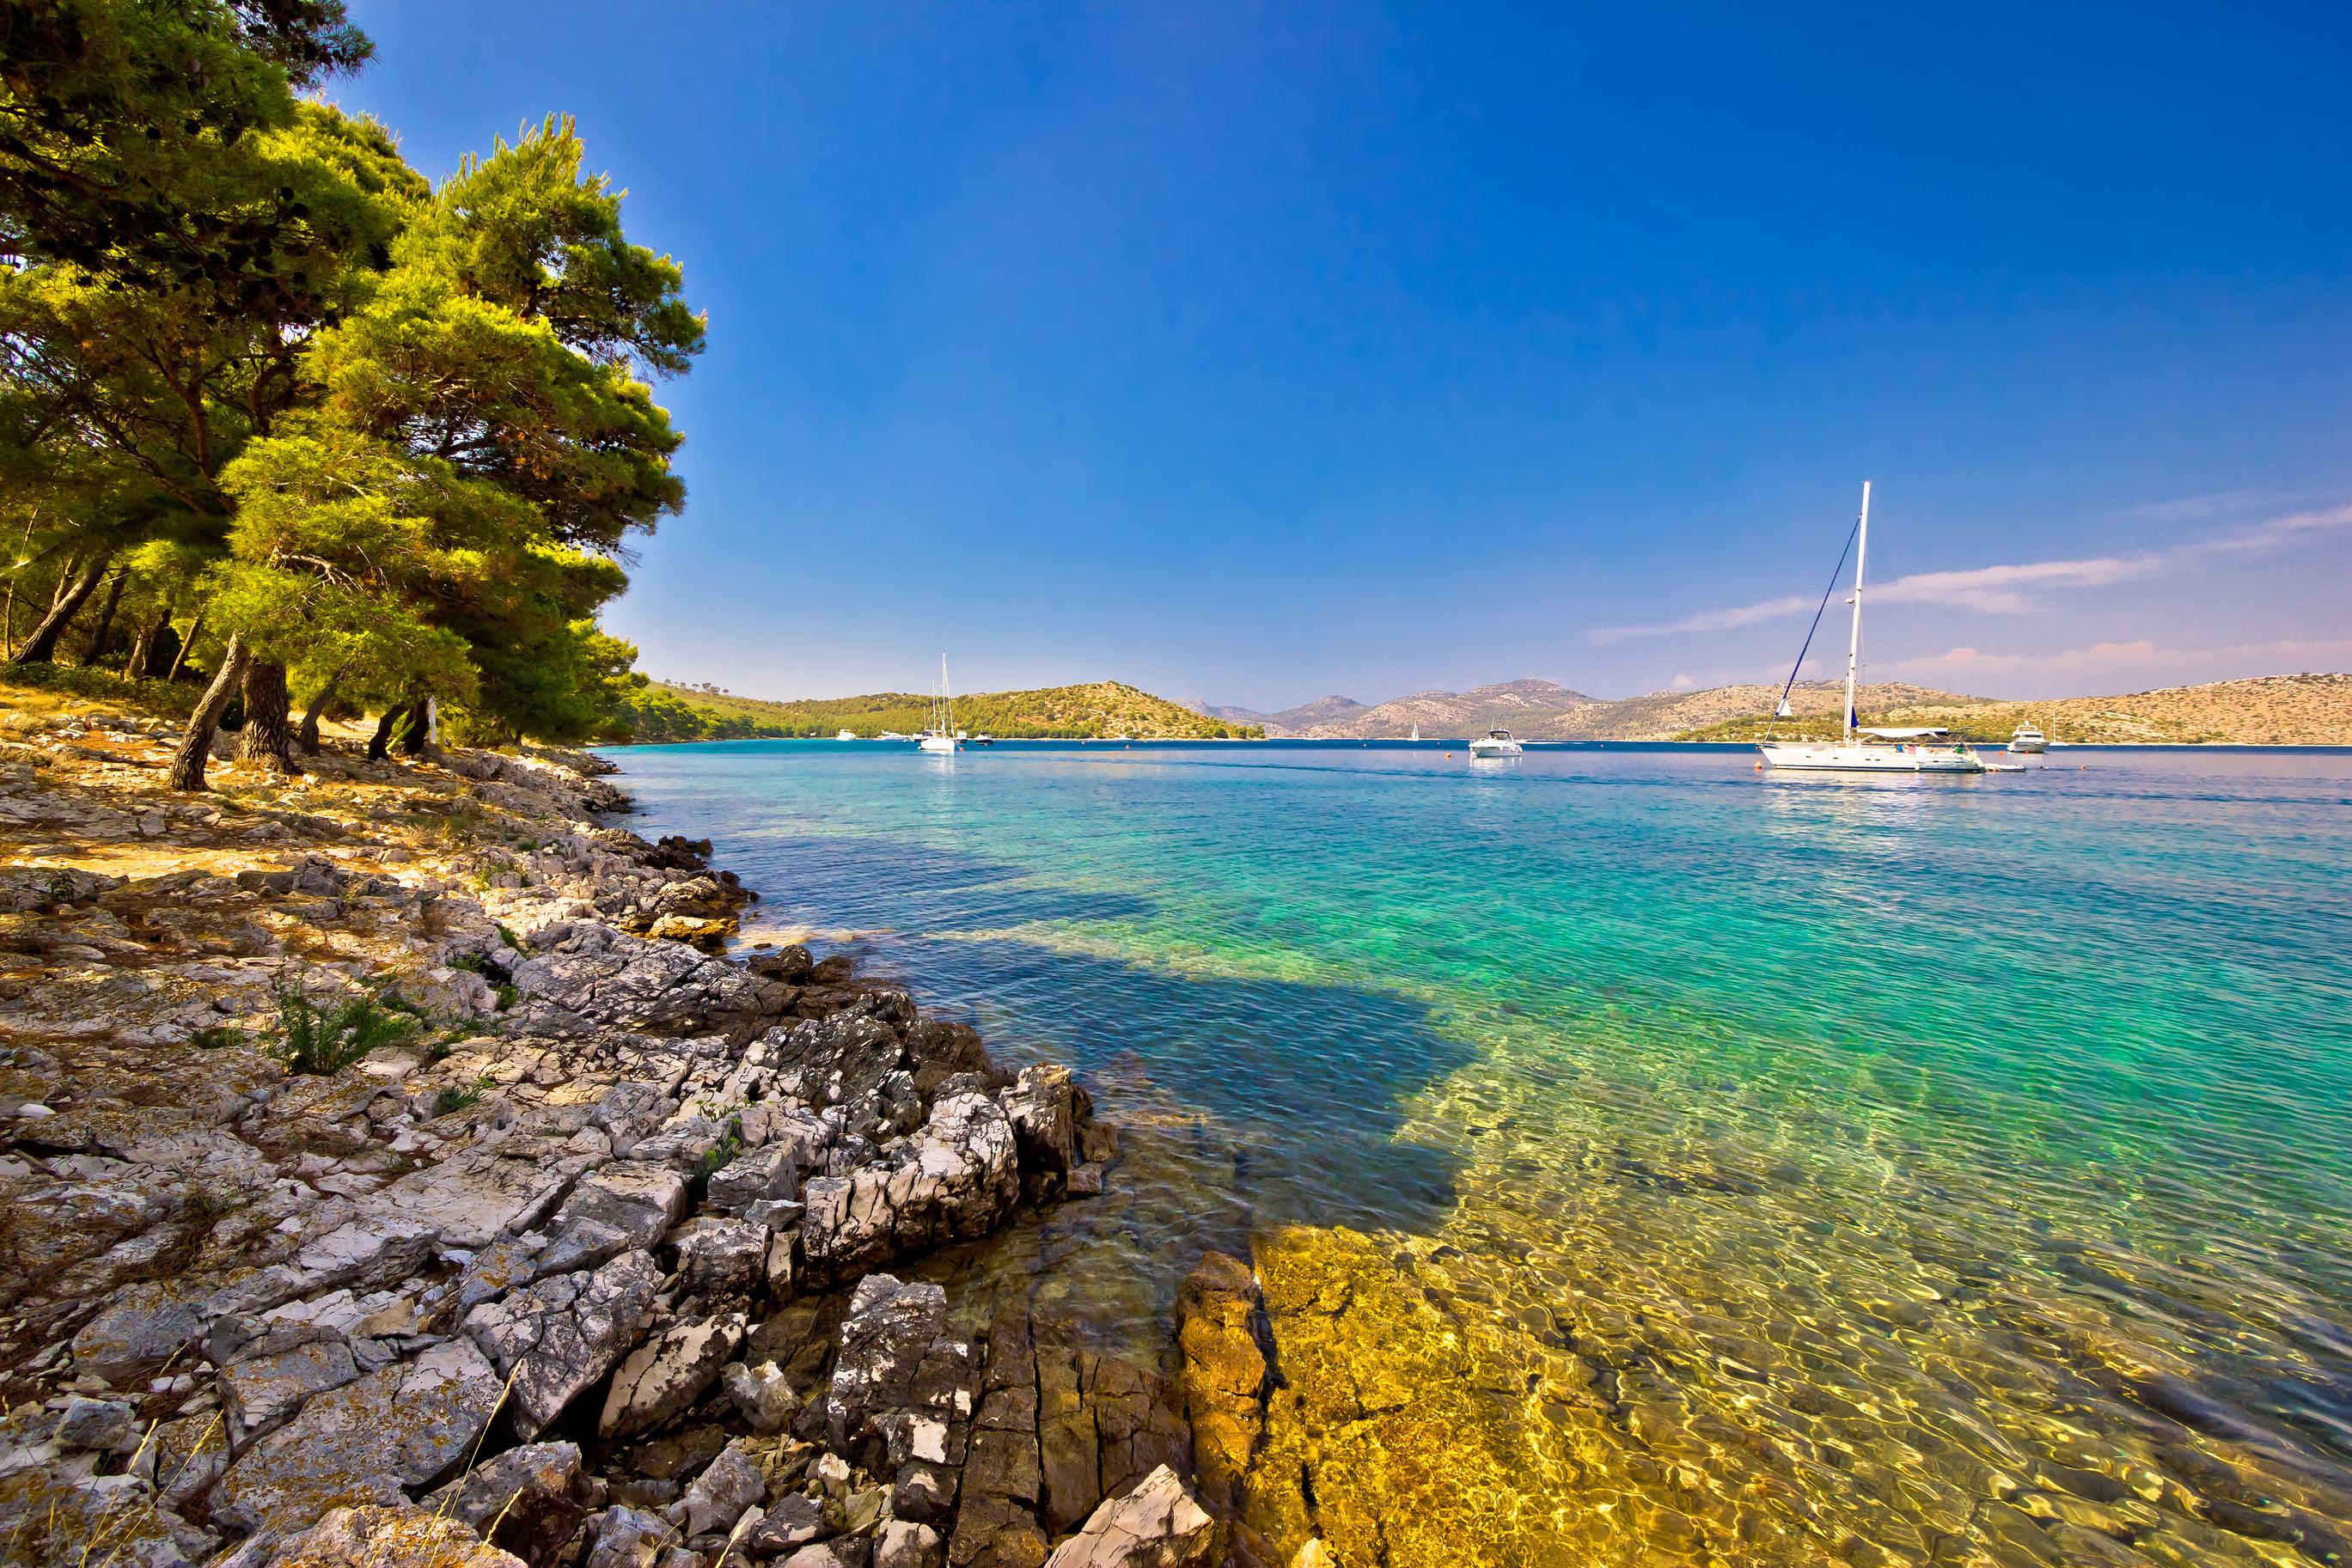 Upplev en helt fantastisk båtsemester i medelhavsklimat och i fantastiska miljöer genom att hyra båt i det fantastiska seglingslandet Kroatien genom MS Marintjänst